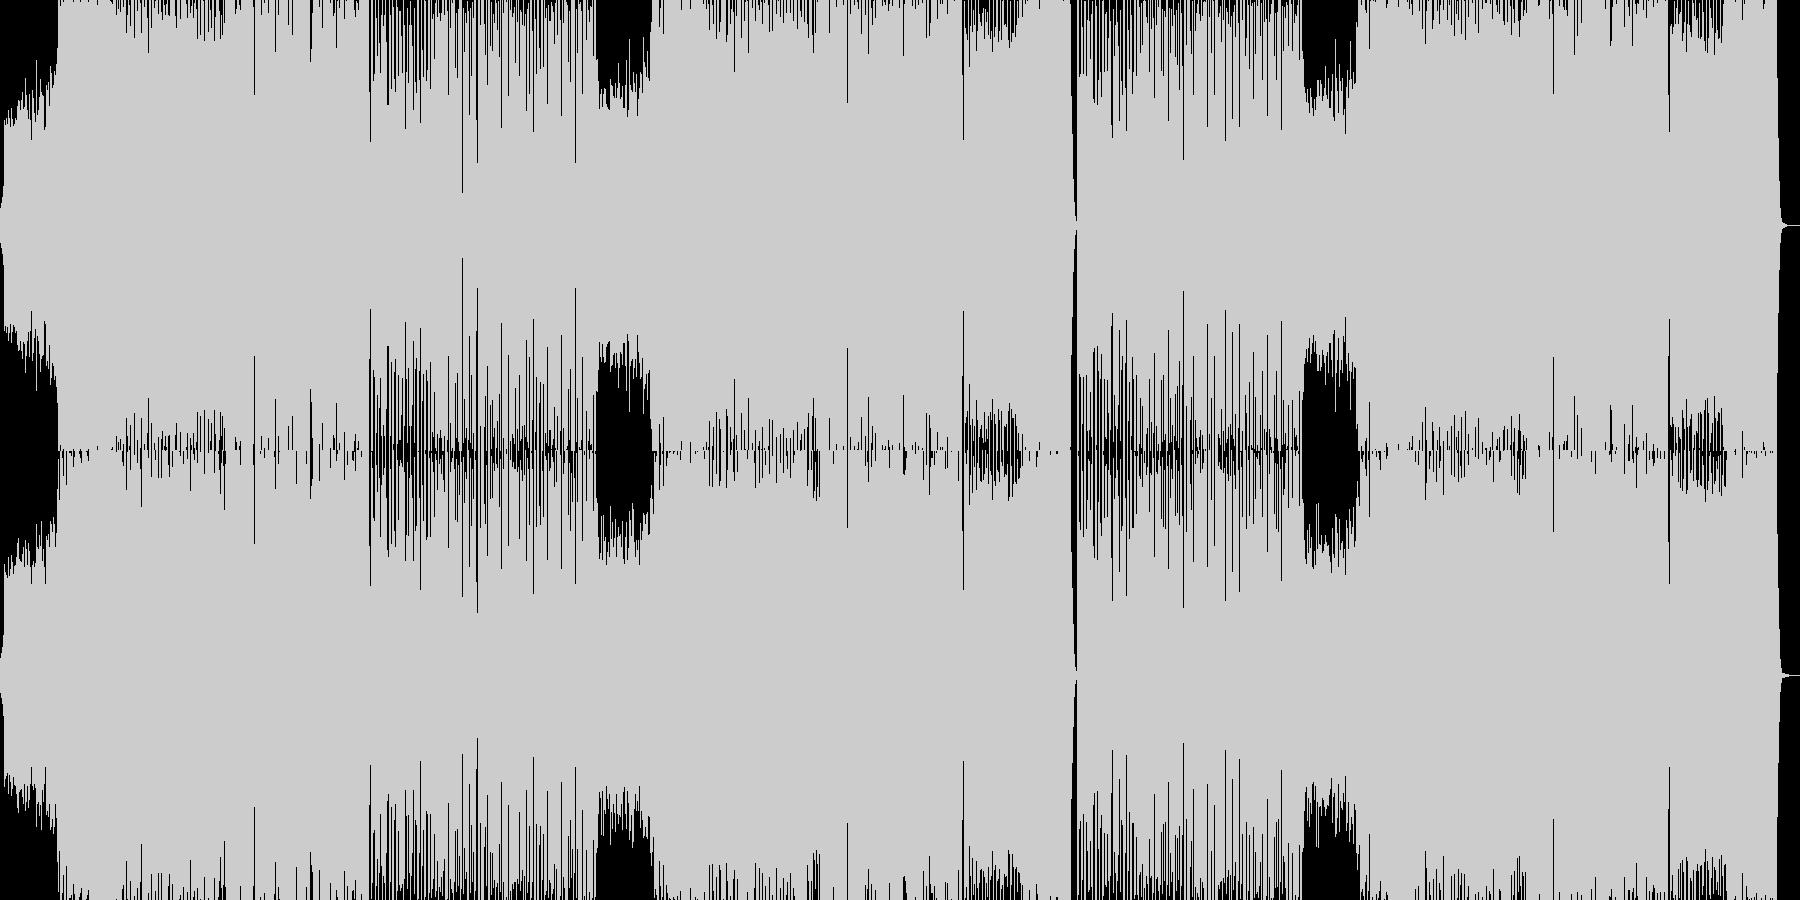 激しいエキサイティングCMスポーツEDMの未再生の波形